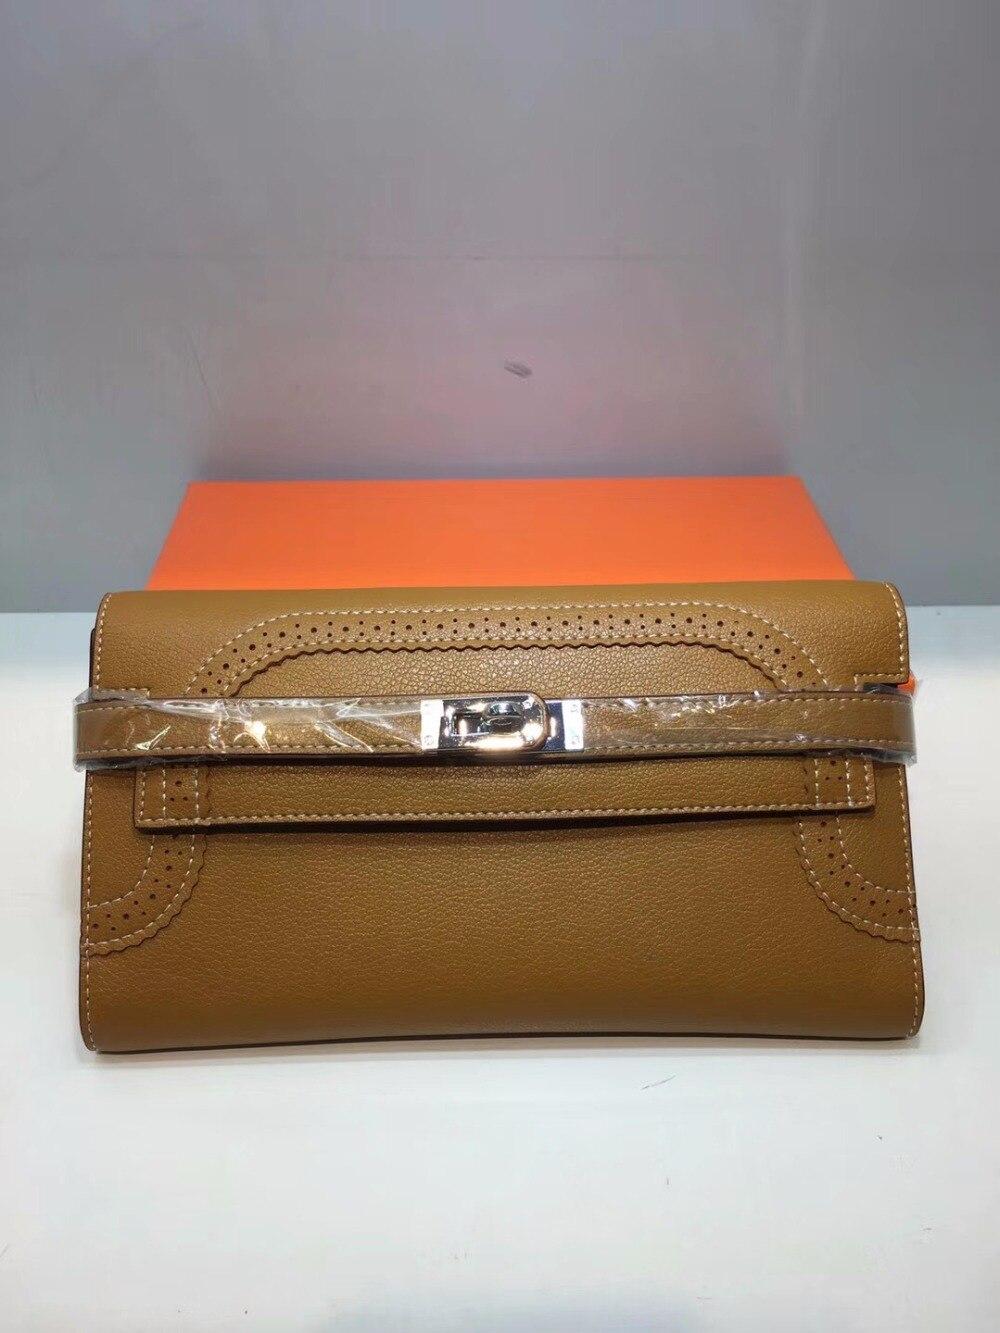 Cafunila nouveauté en cuir véritable portefeuilles femmes en cuir de vache sac à main pochette à fermeture éclair porte-carte de crédit dame pochettes